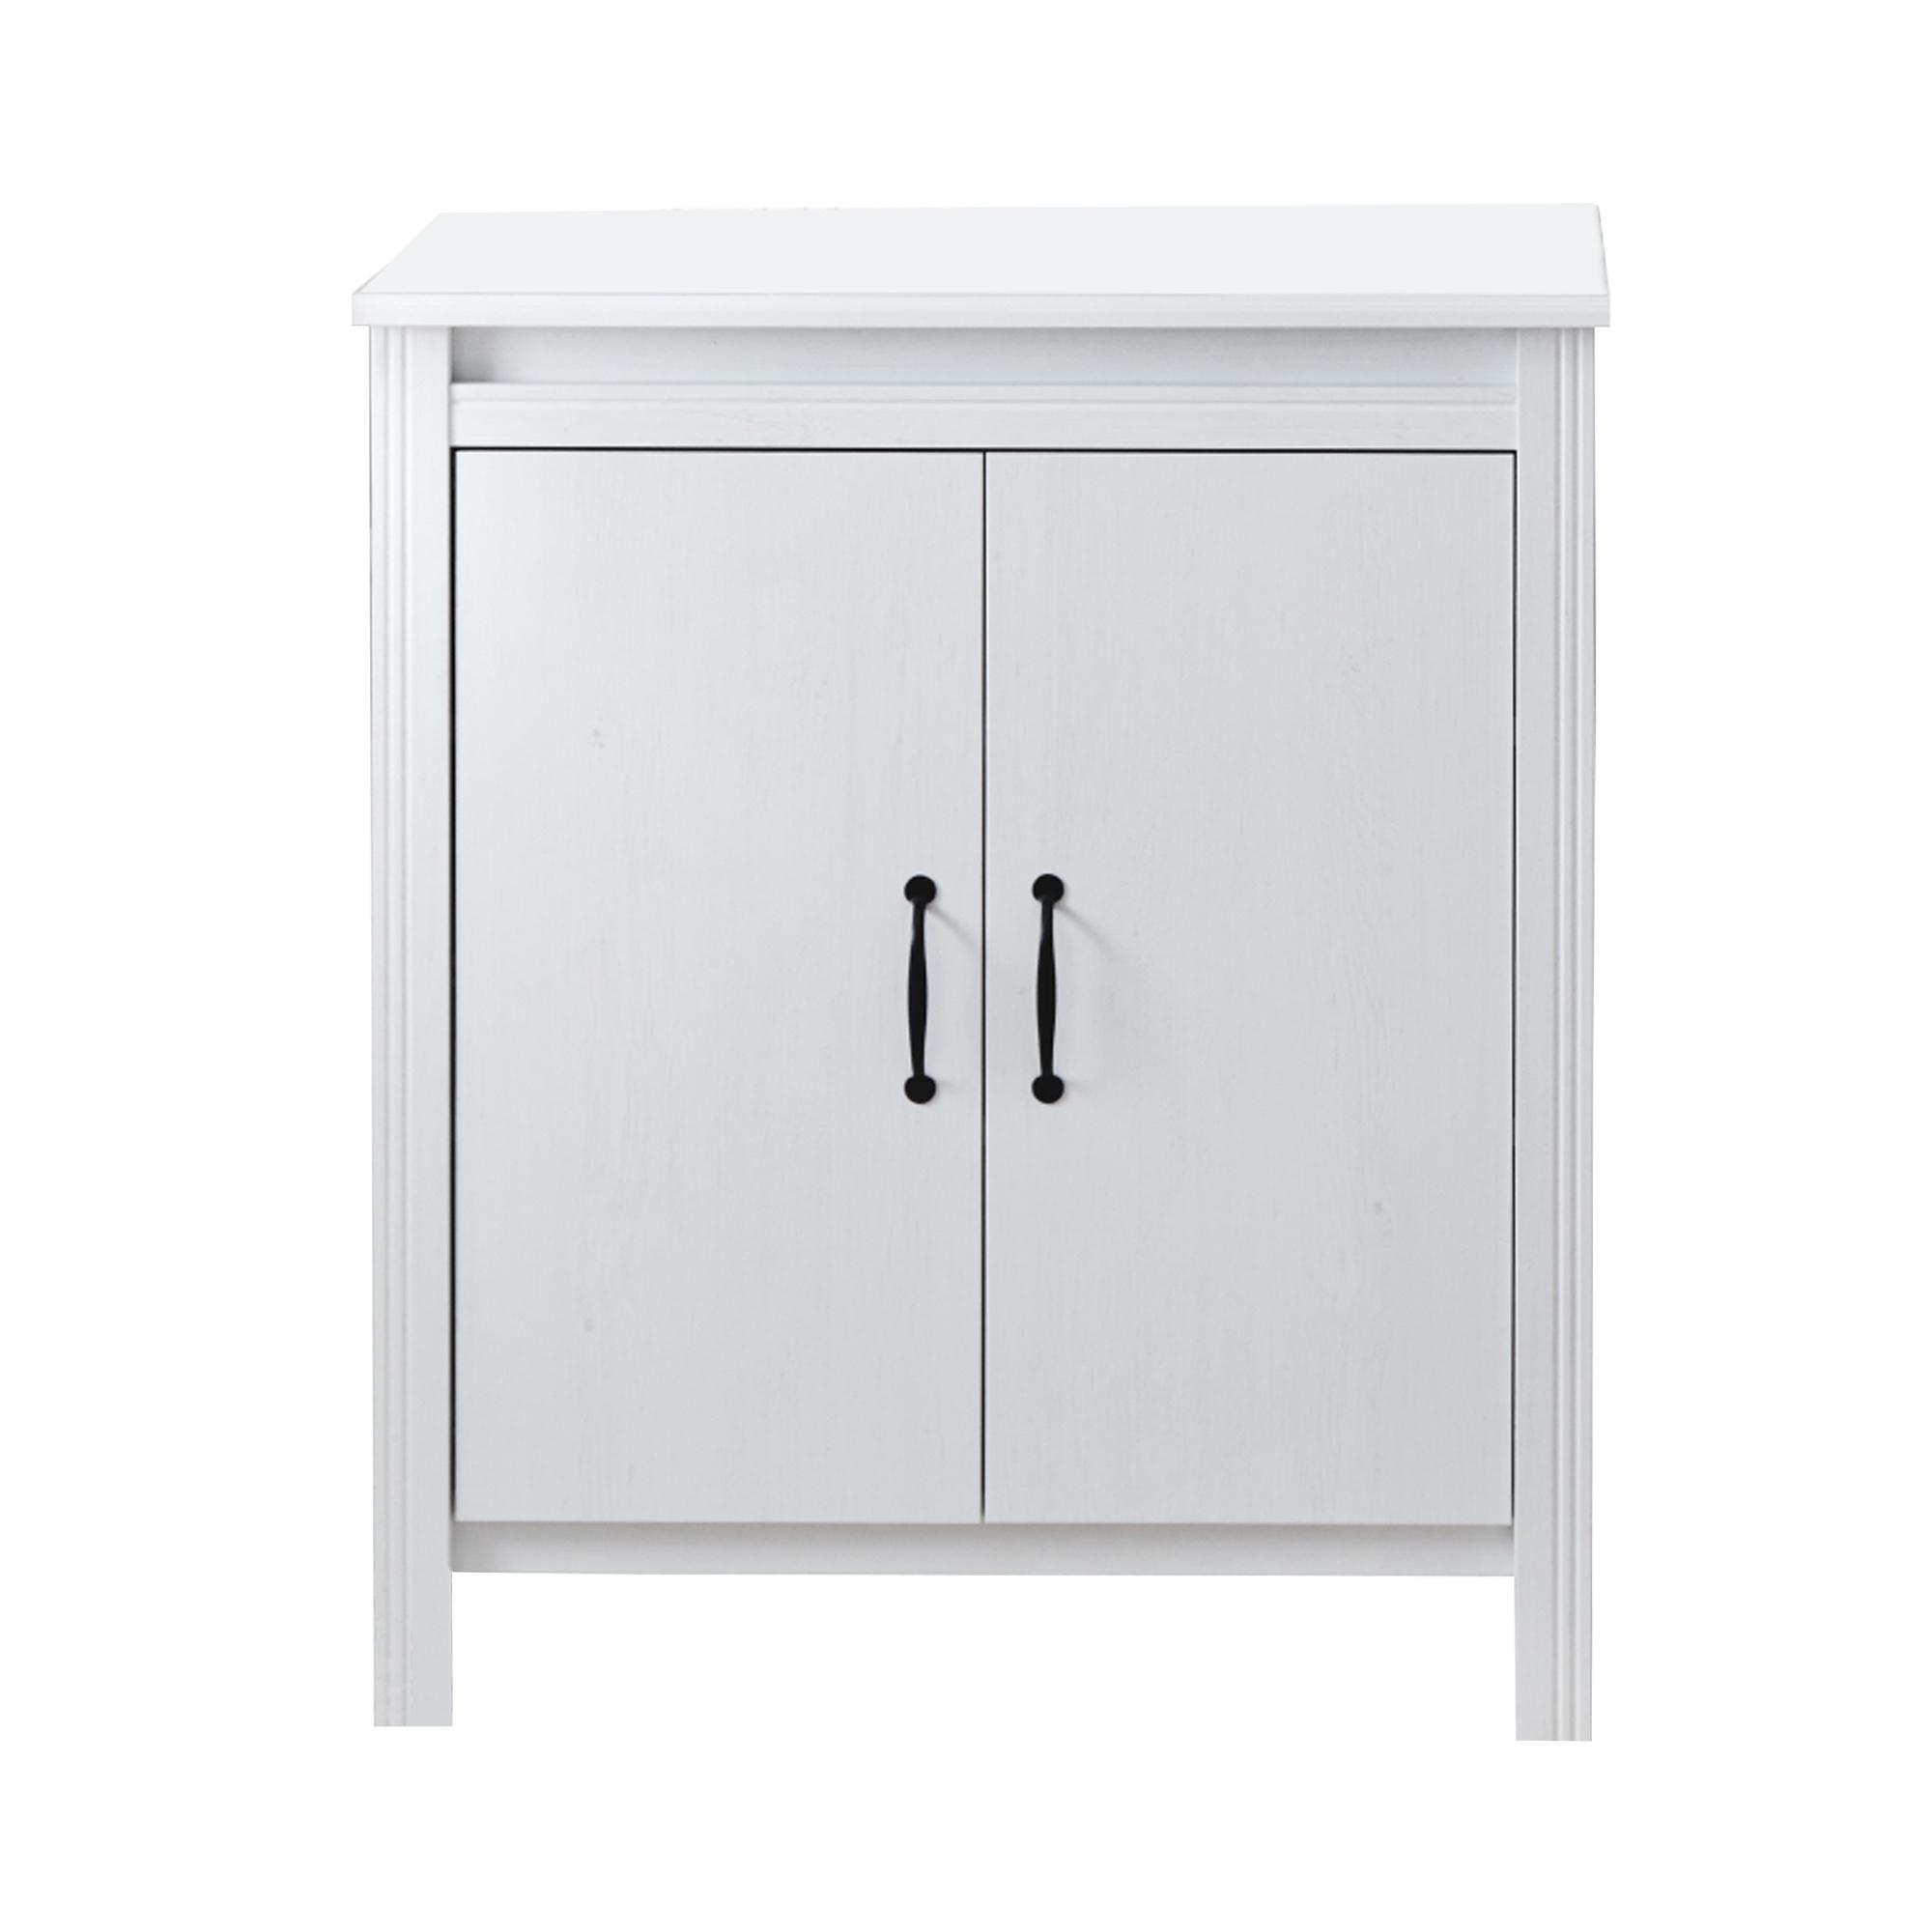 Ikea muebles auxiliares de cocina idea creativa della for Puertas cocina ikea